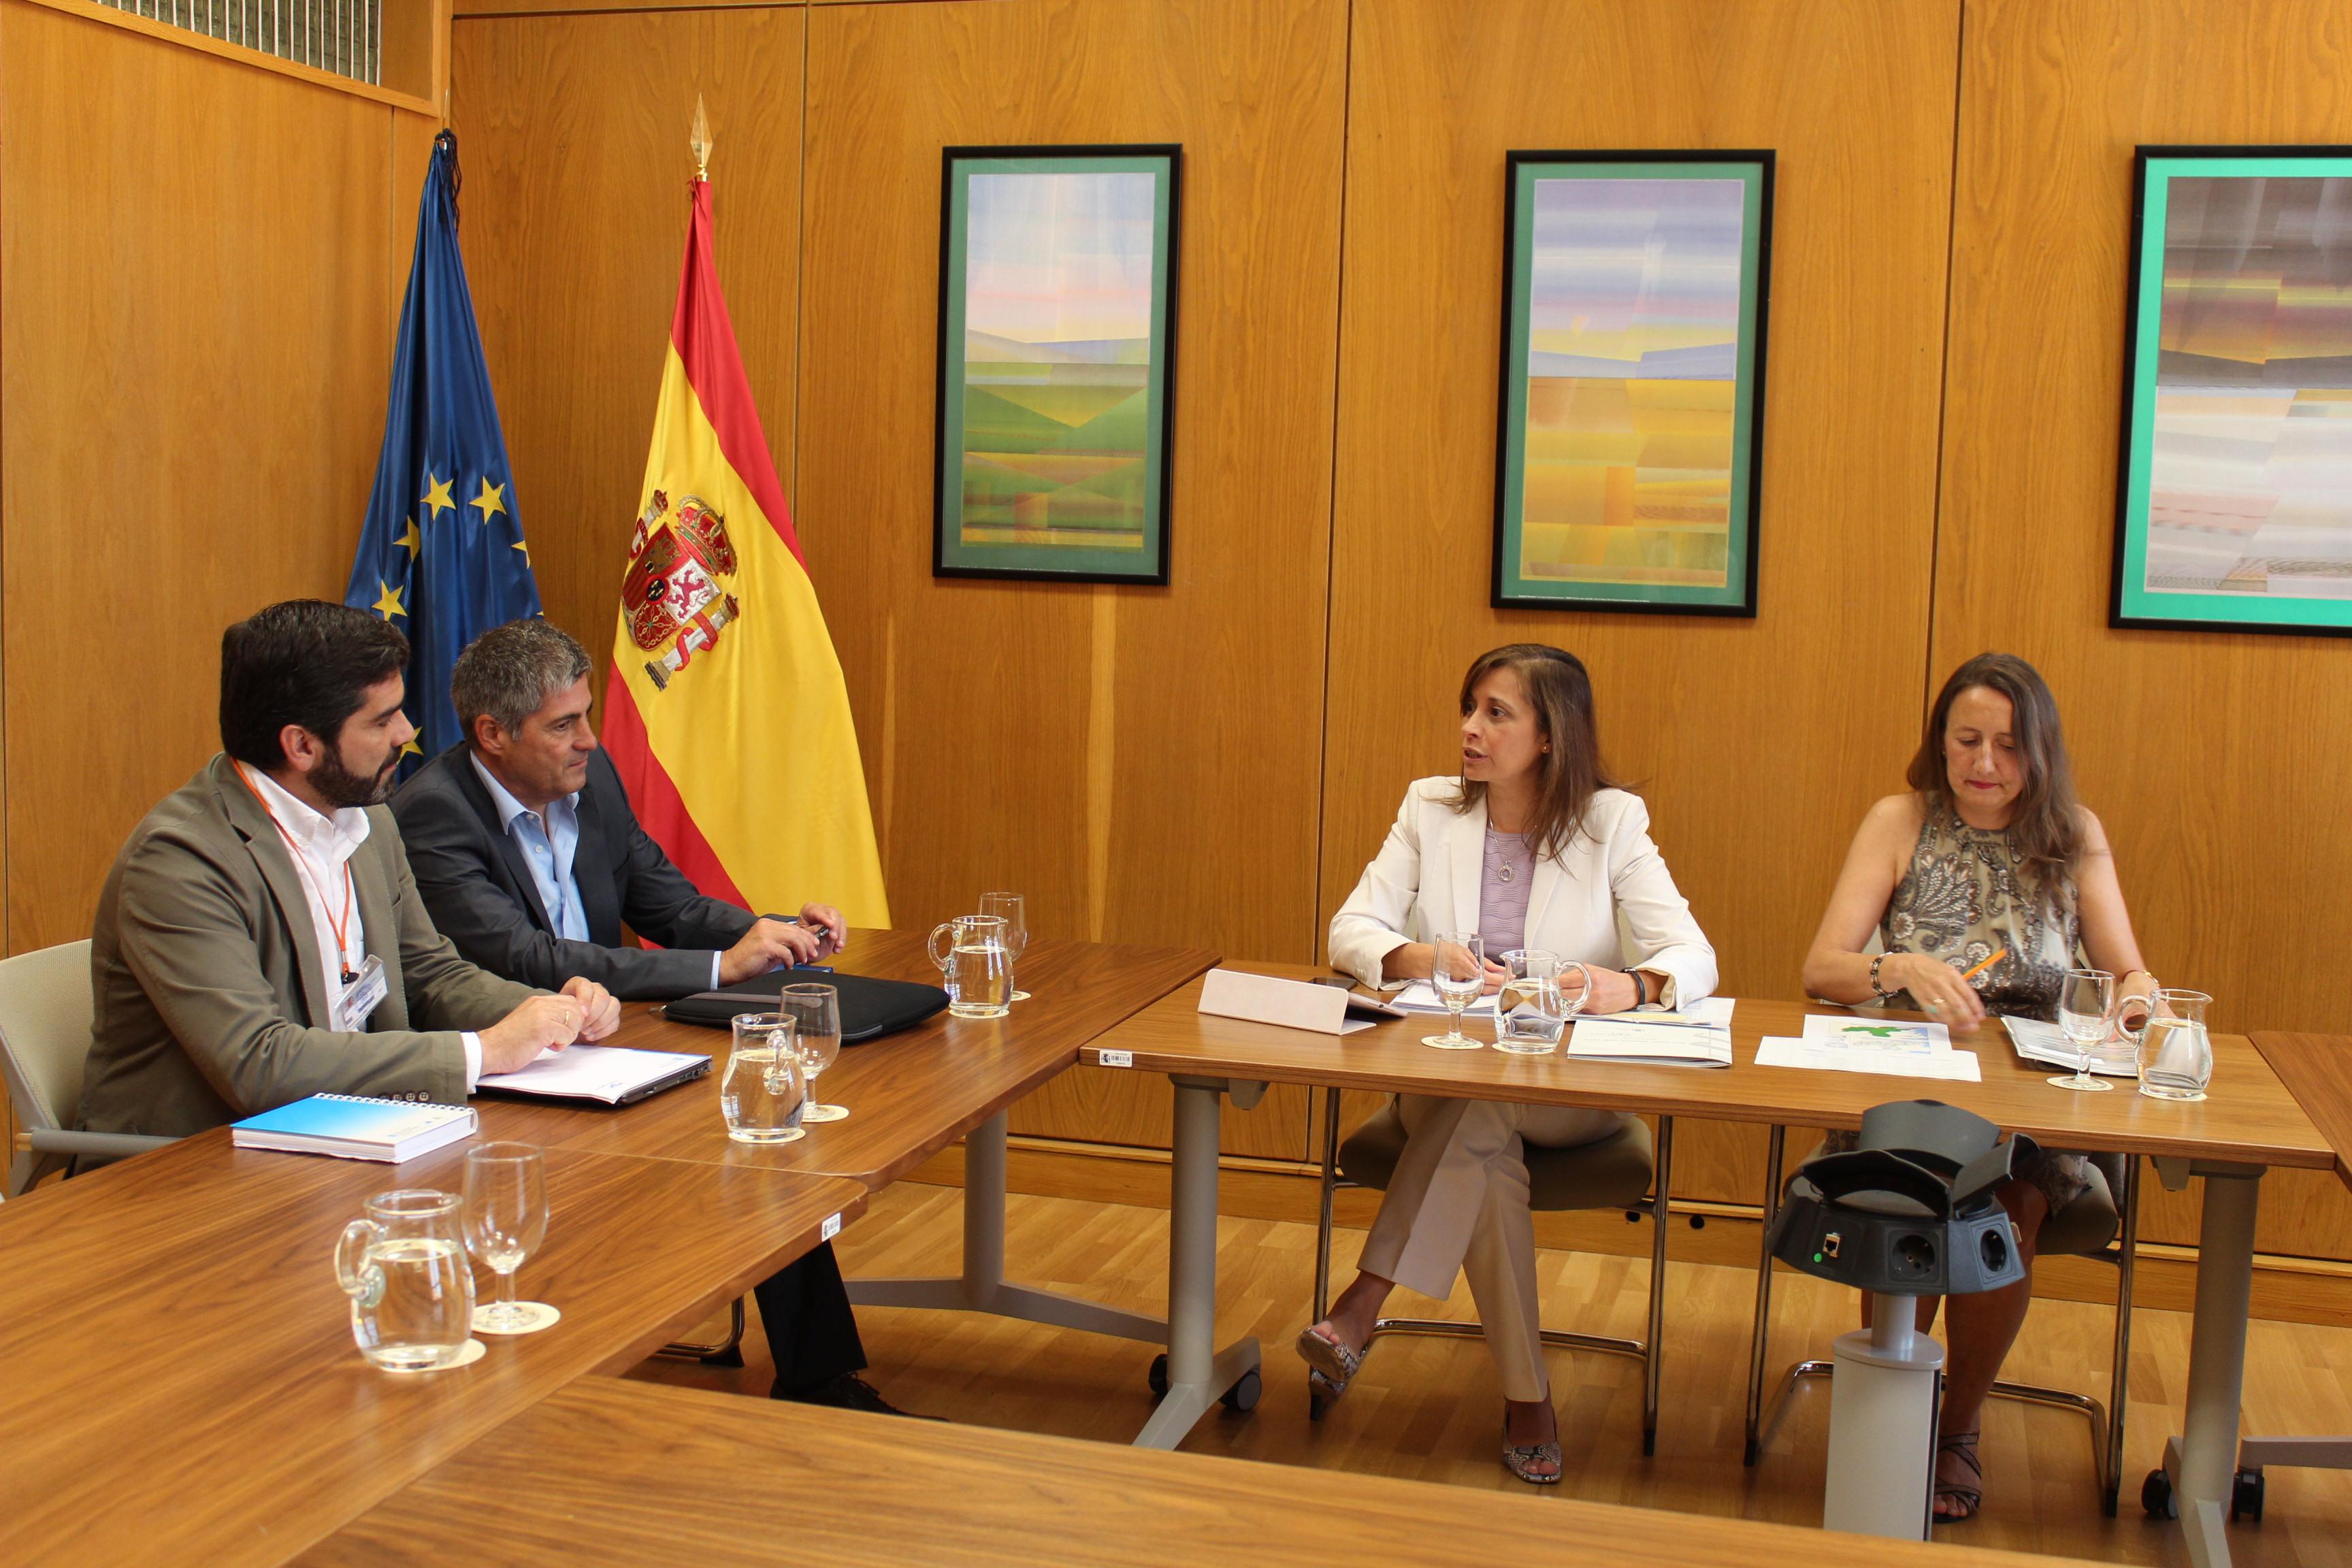 La directora general del Agua se reúne con el director de Aguas de Galicia en el marco del debate para alcanzar un Pacto Nacional del Agua